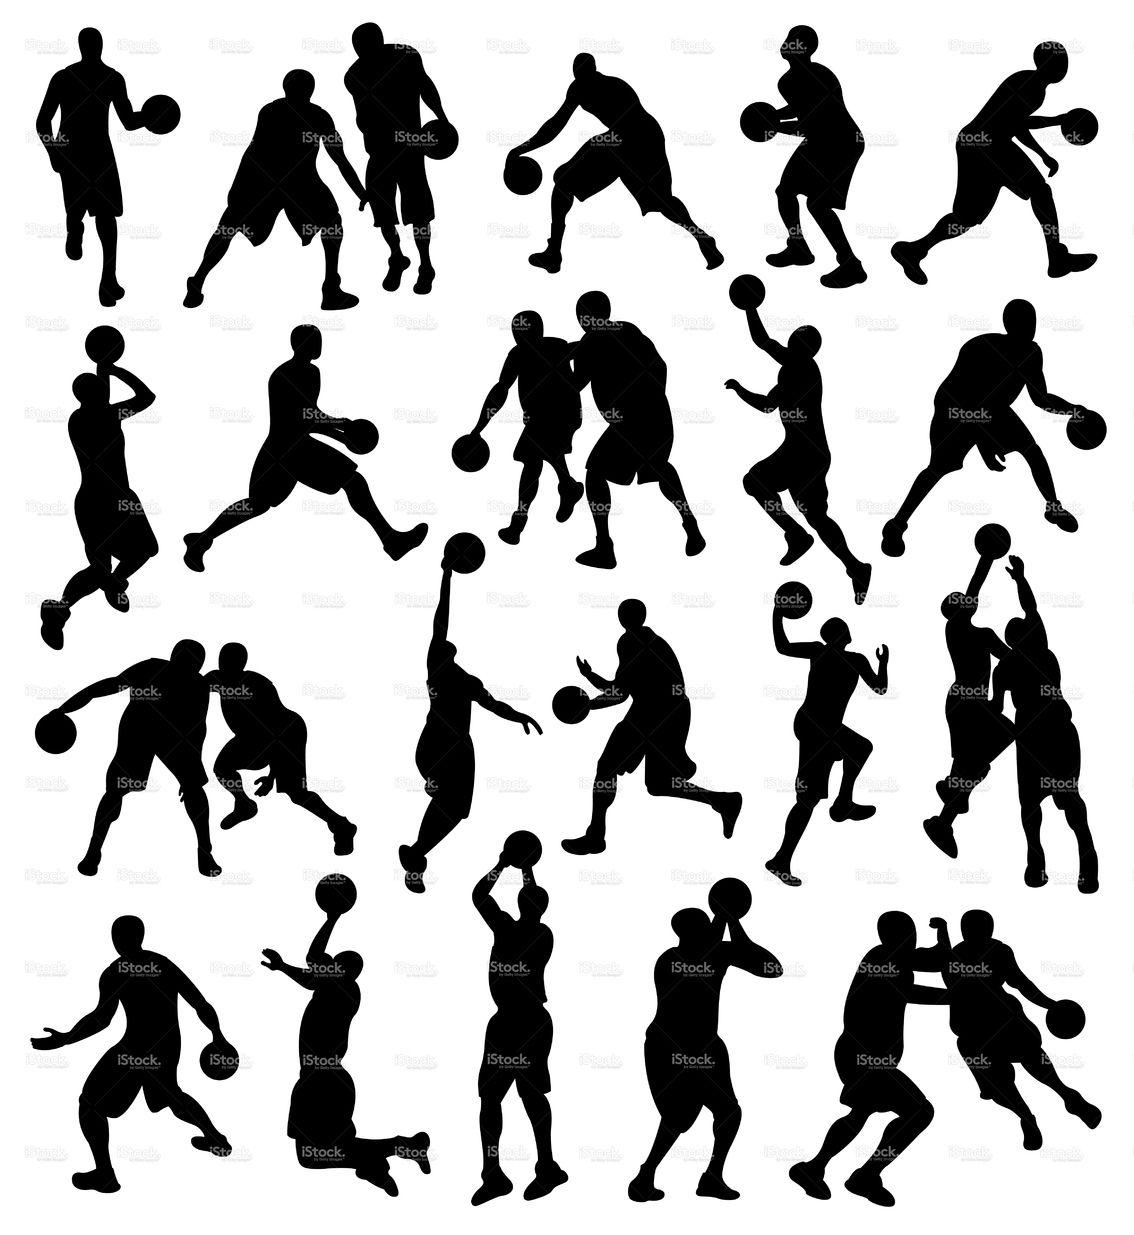 ストックフォト ロイヤリティフリーの画像 写真の検索 Istock Ja バスケットボール シルエット バスケットボール イラスト